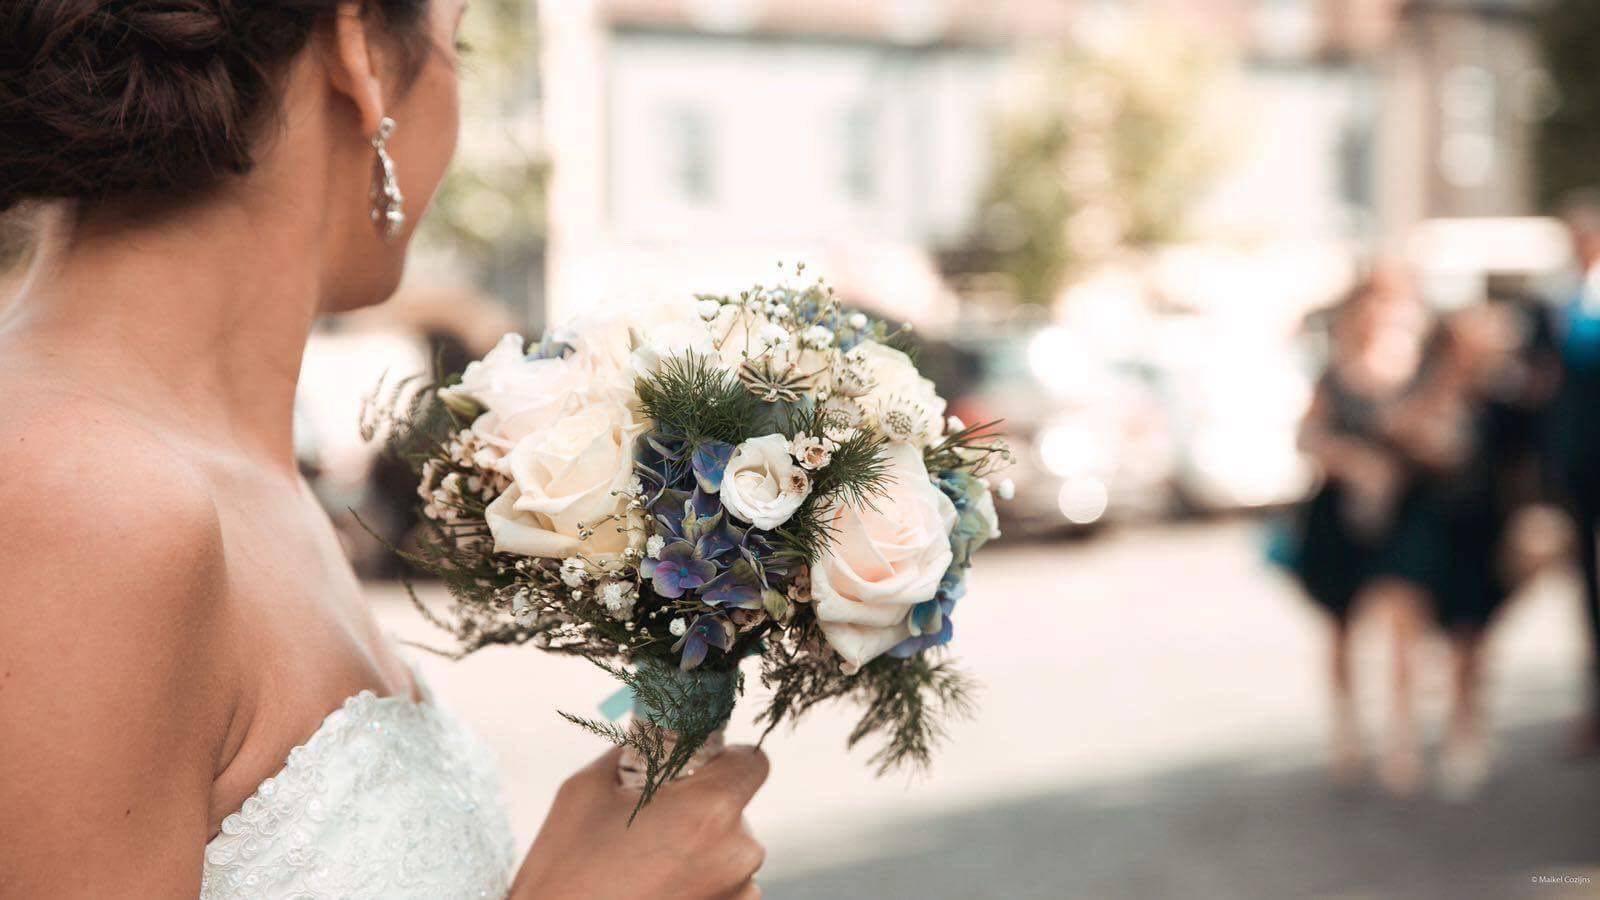 Art of Flower |Bruidsboeket & Bloemendecoratie | House of Weddings - 14